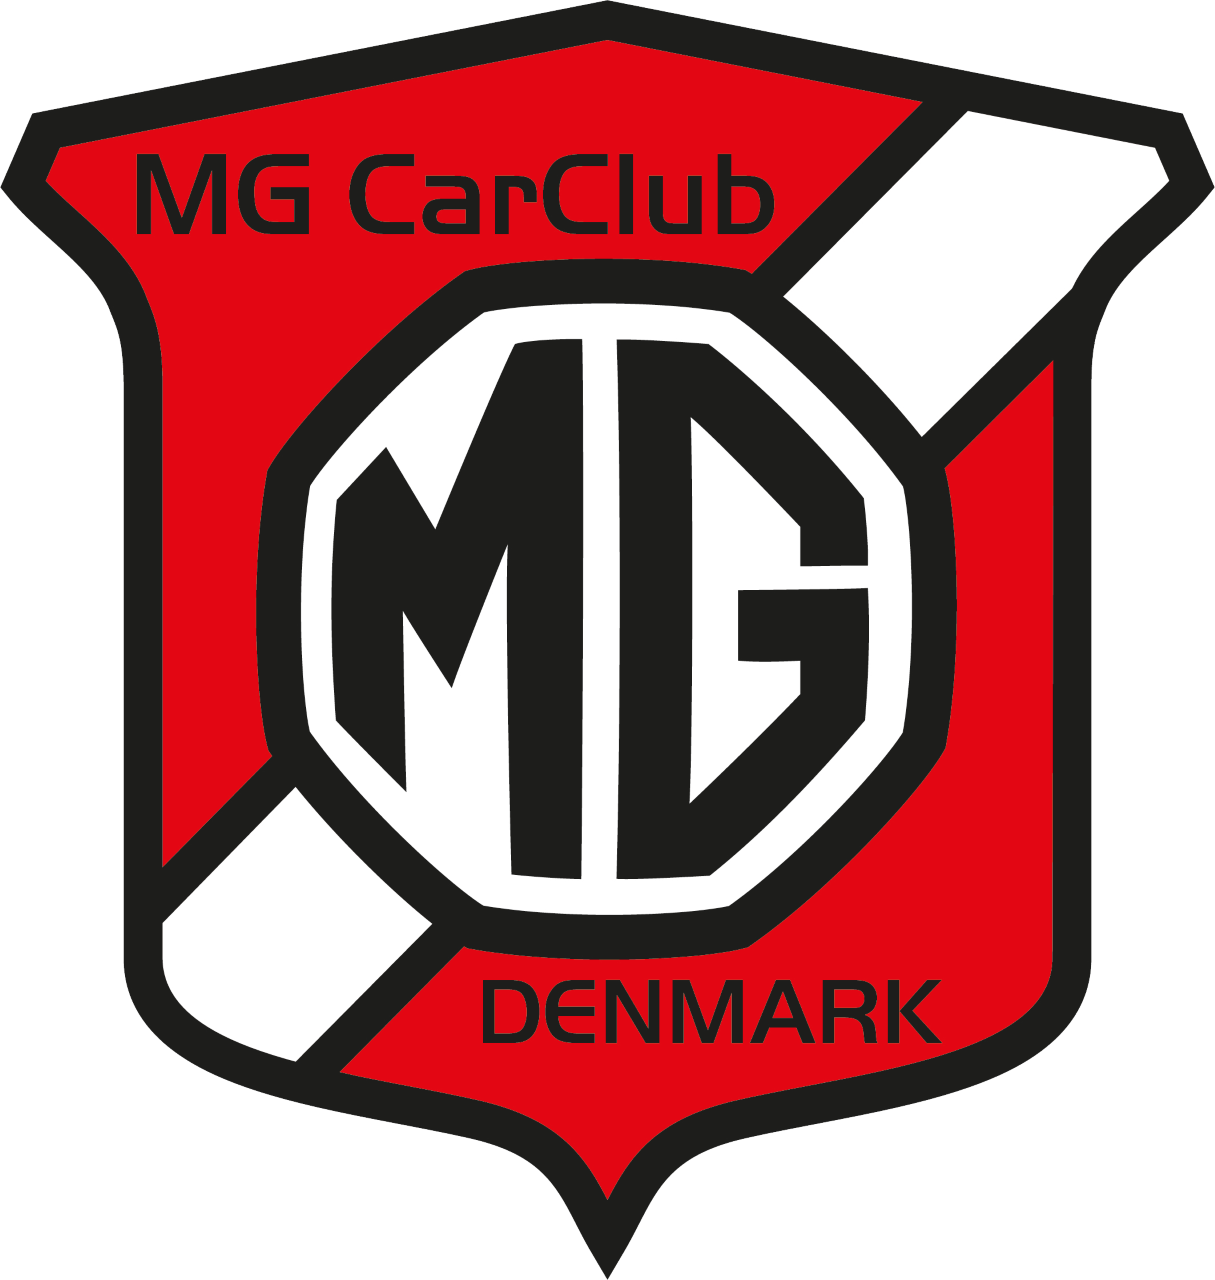 VELKOMMEN TIL MG CAR CLUB DENMARK